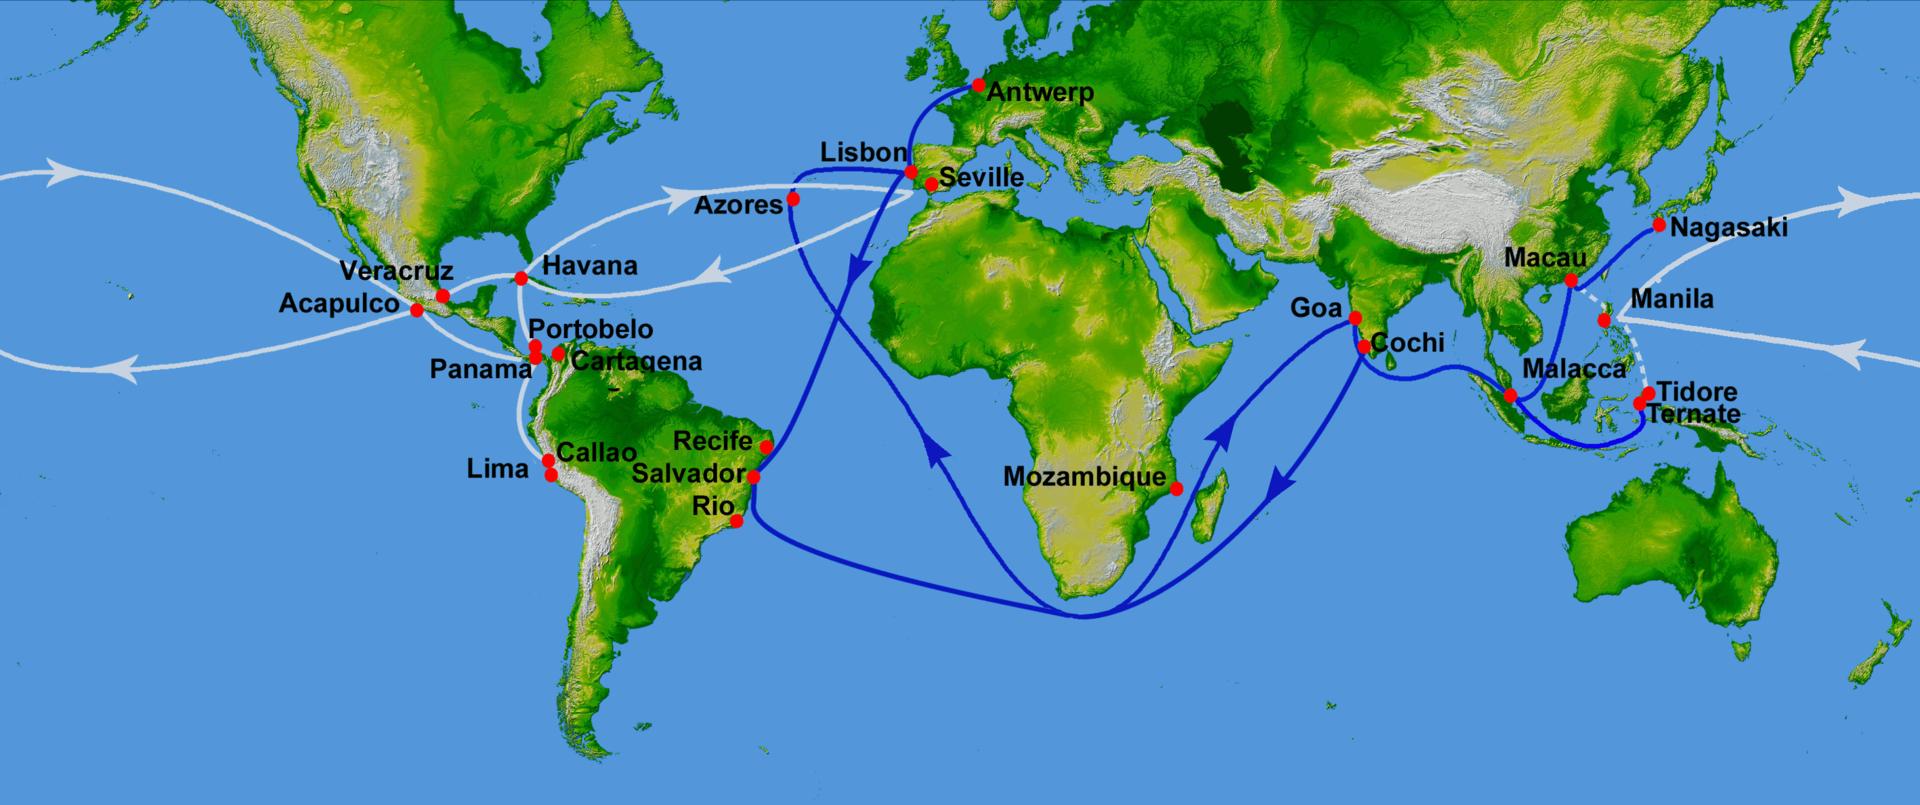 16世紀のポルトガル海上帝国の貿易ルート (青) 及び競合するマニラ・ガレオンの貿易ルート (白)